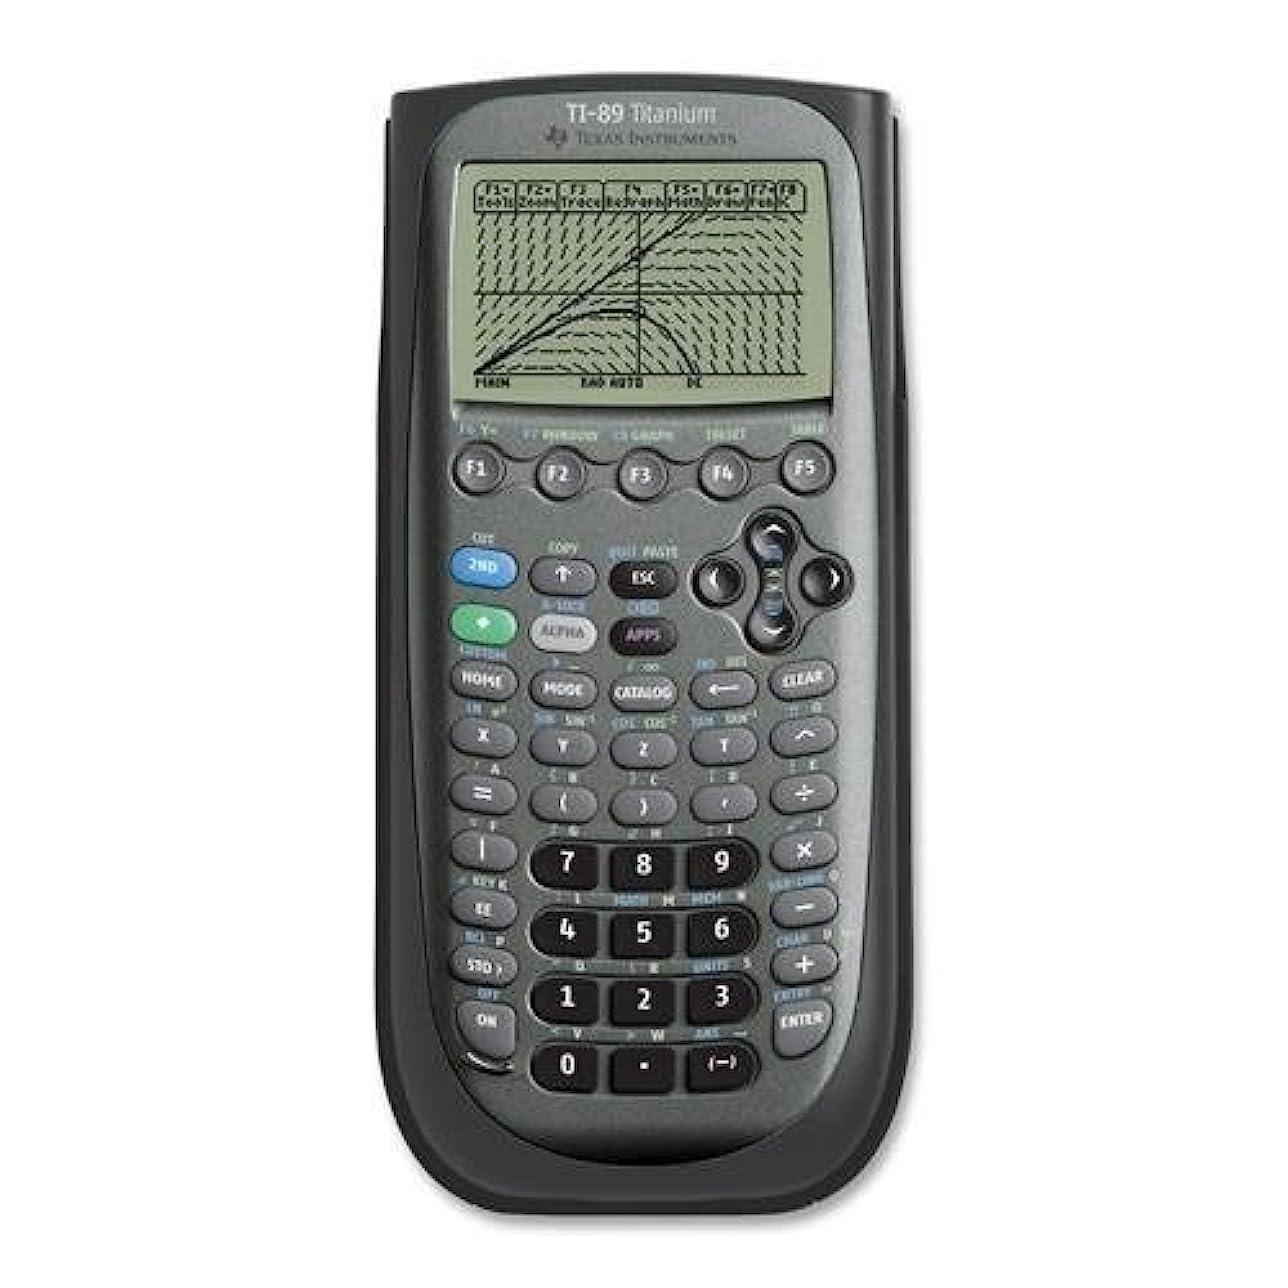 続けるミリメートルジョリーTexas Instruments Graphing Calculator、W / USBケーブル、3?–?1?/ 3?